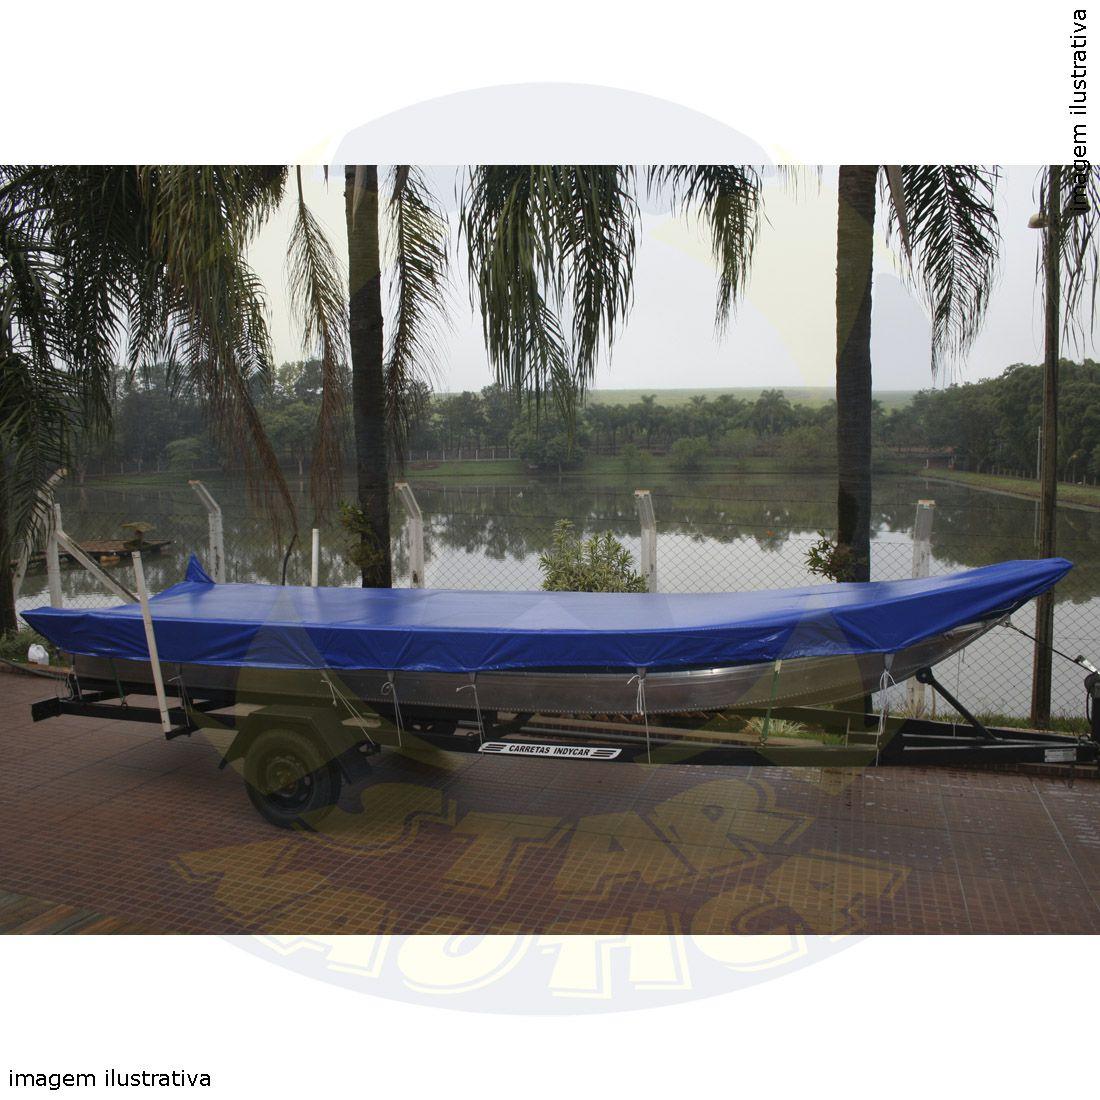 Capa Lona de Cobertura Barco Canoa de Bico até 6mts Lona Vinílica